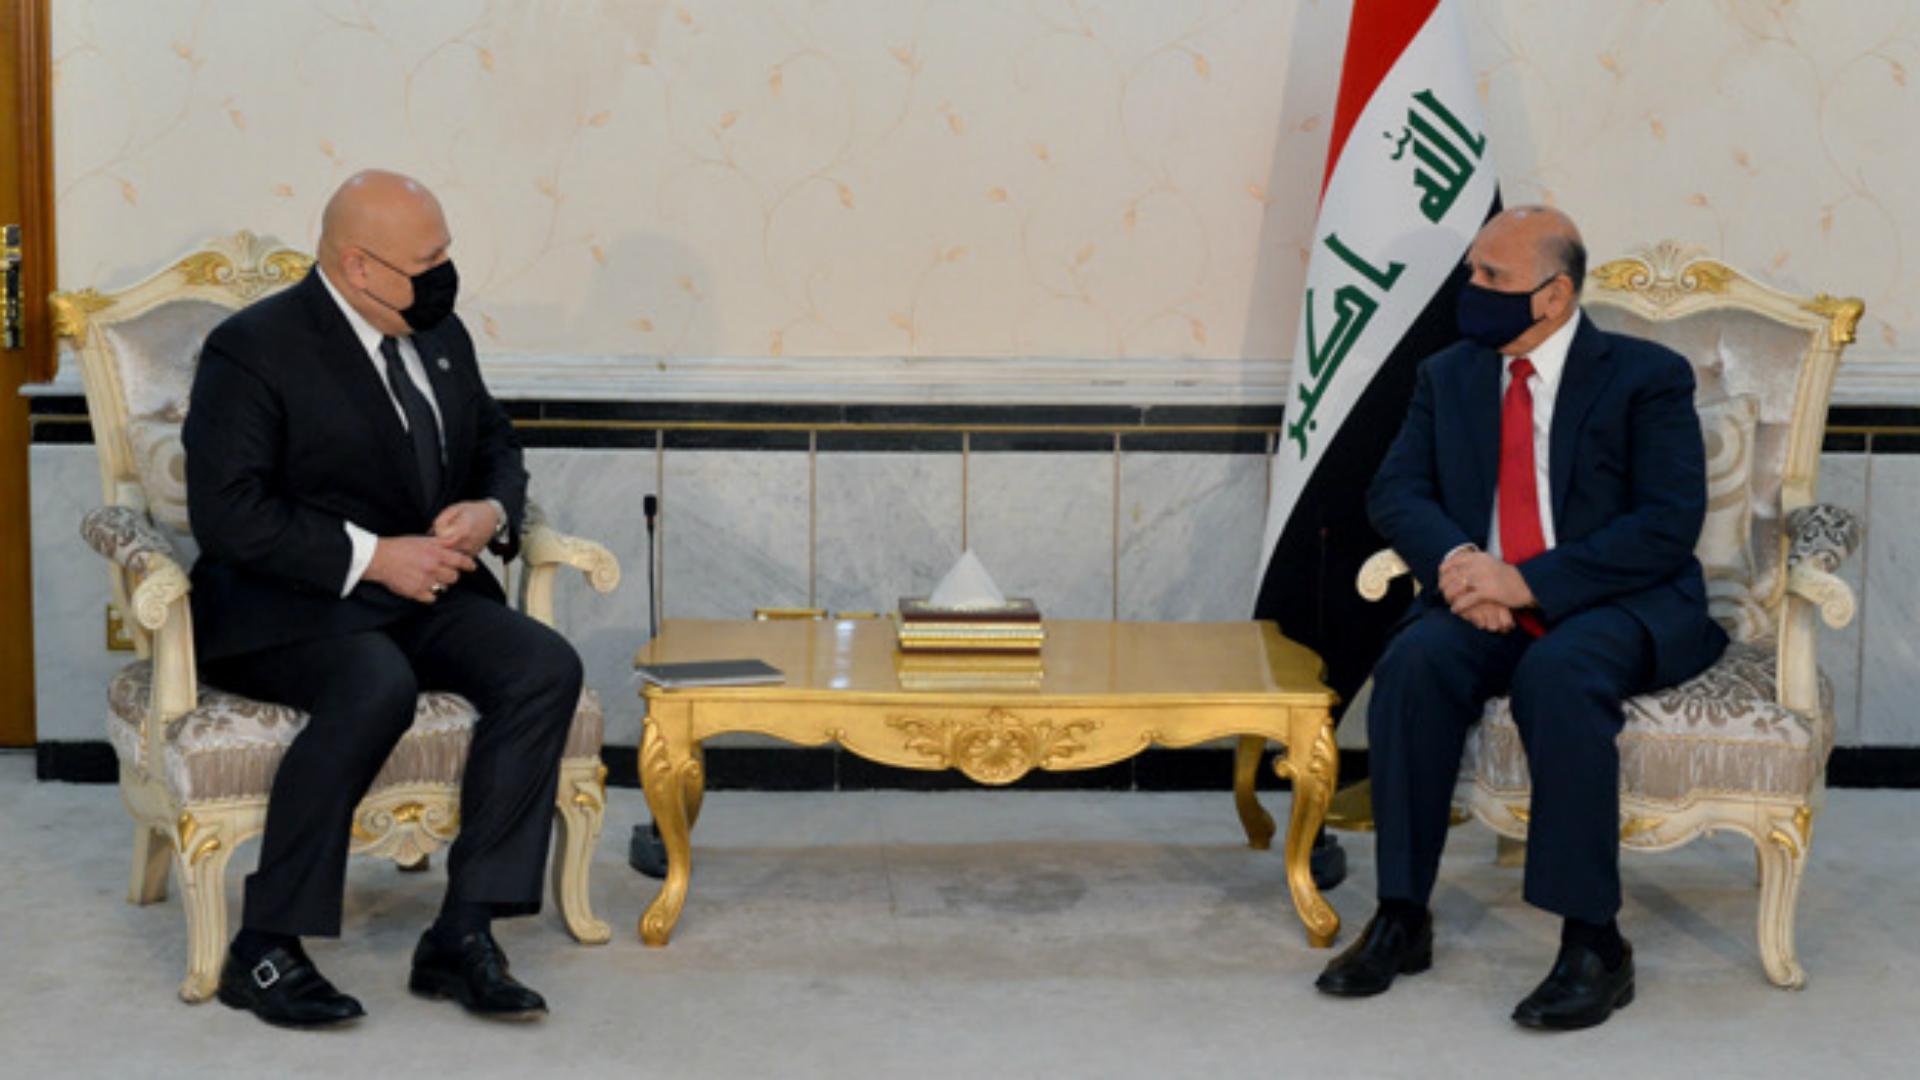 وزير الخارجية: الحكومة تواصل دعمها لفريق التحقيقِ بجرائم داعش الإرهابية